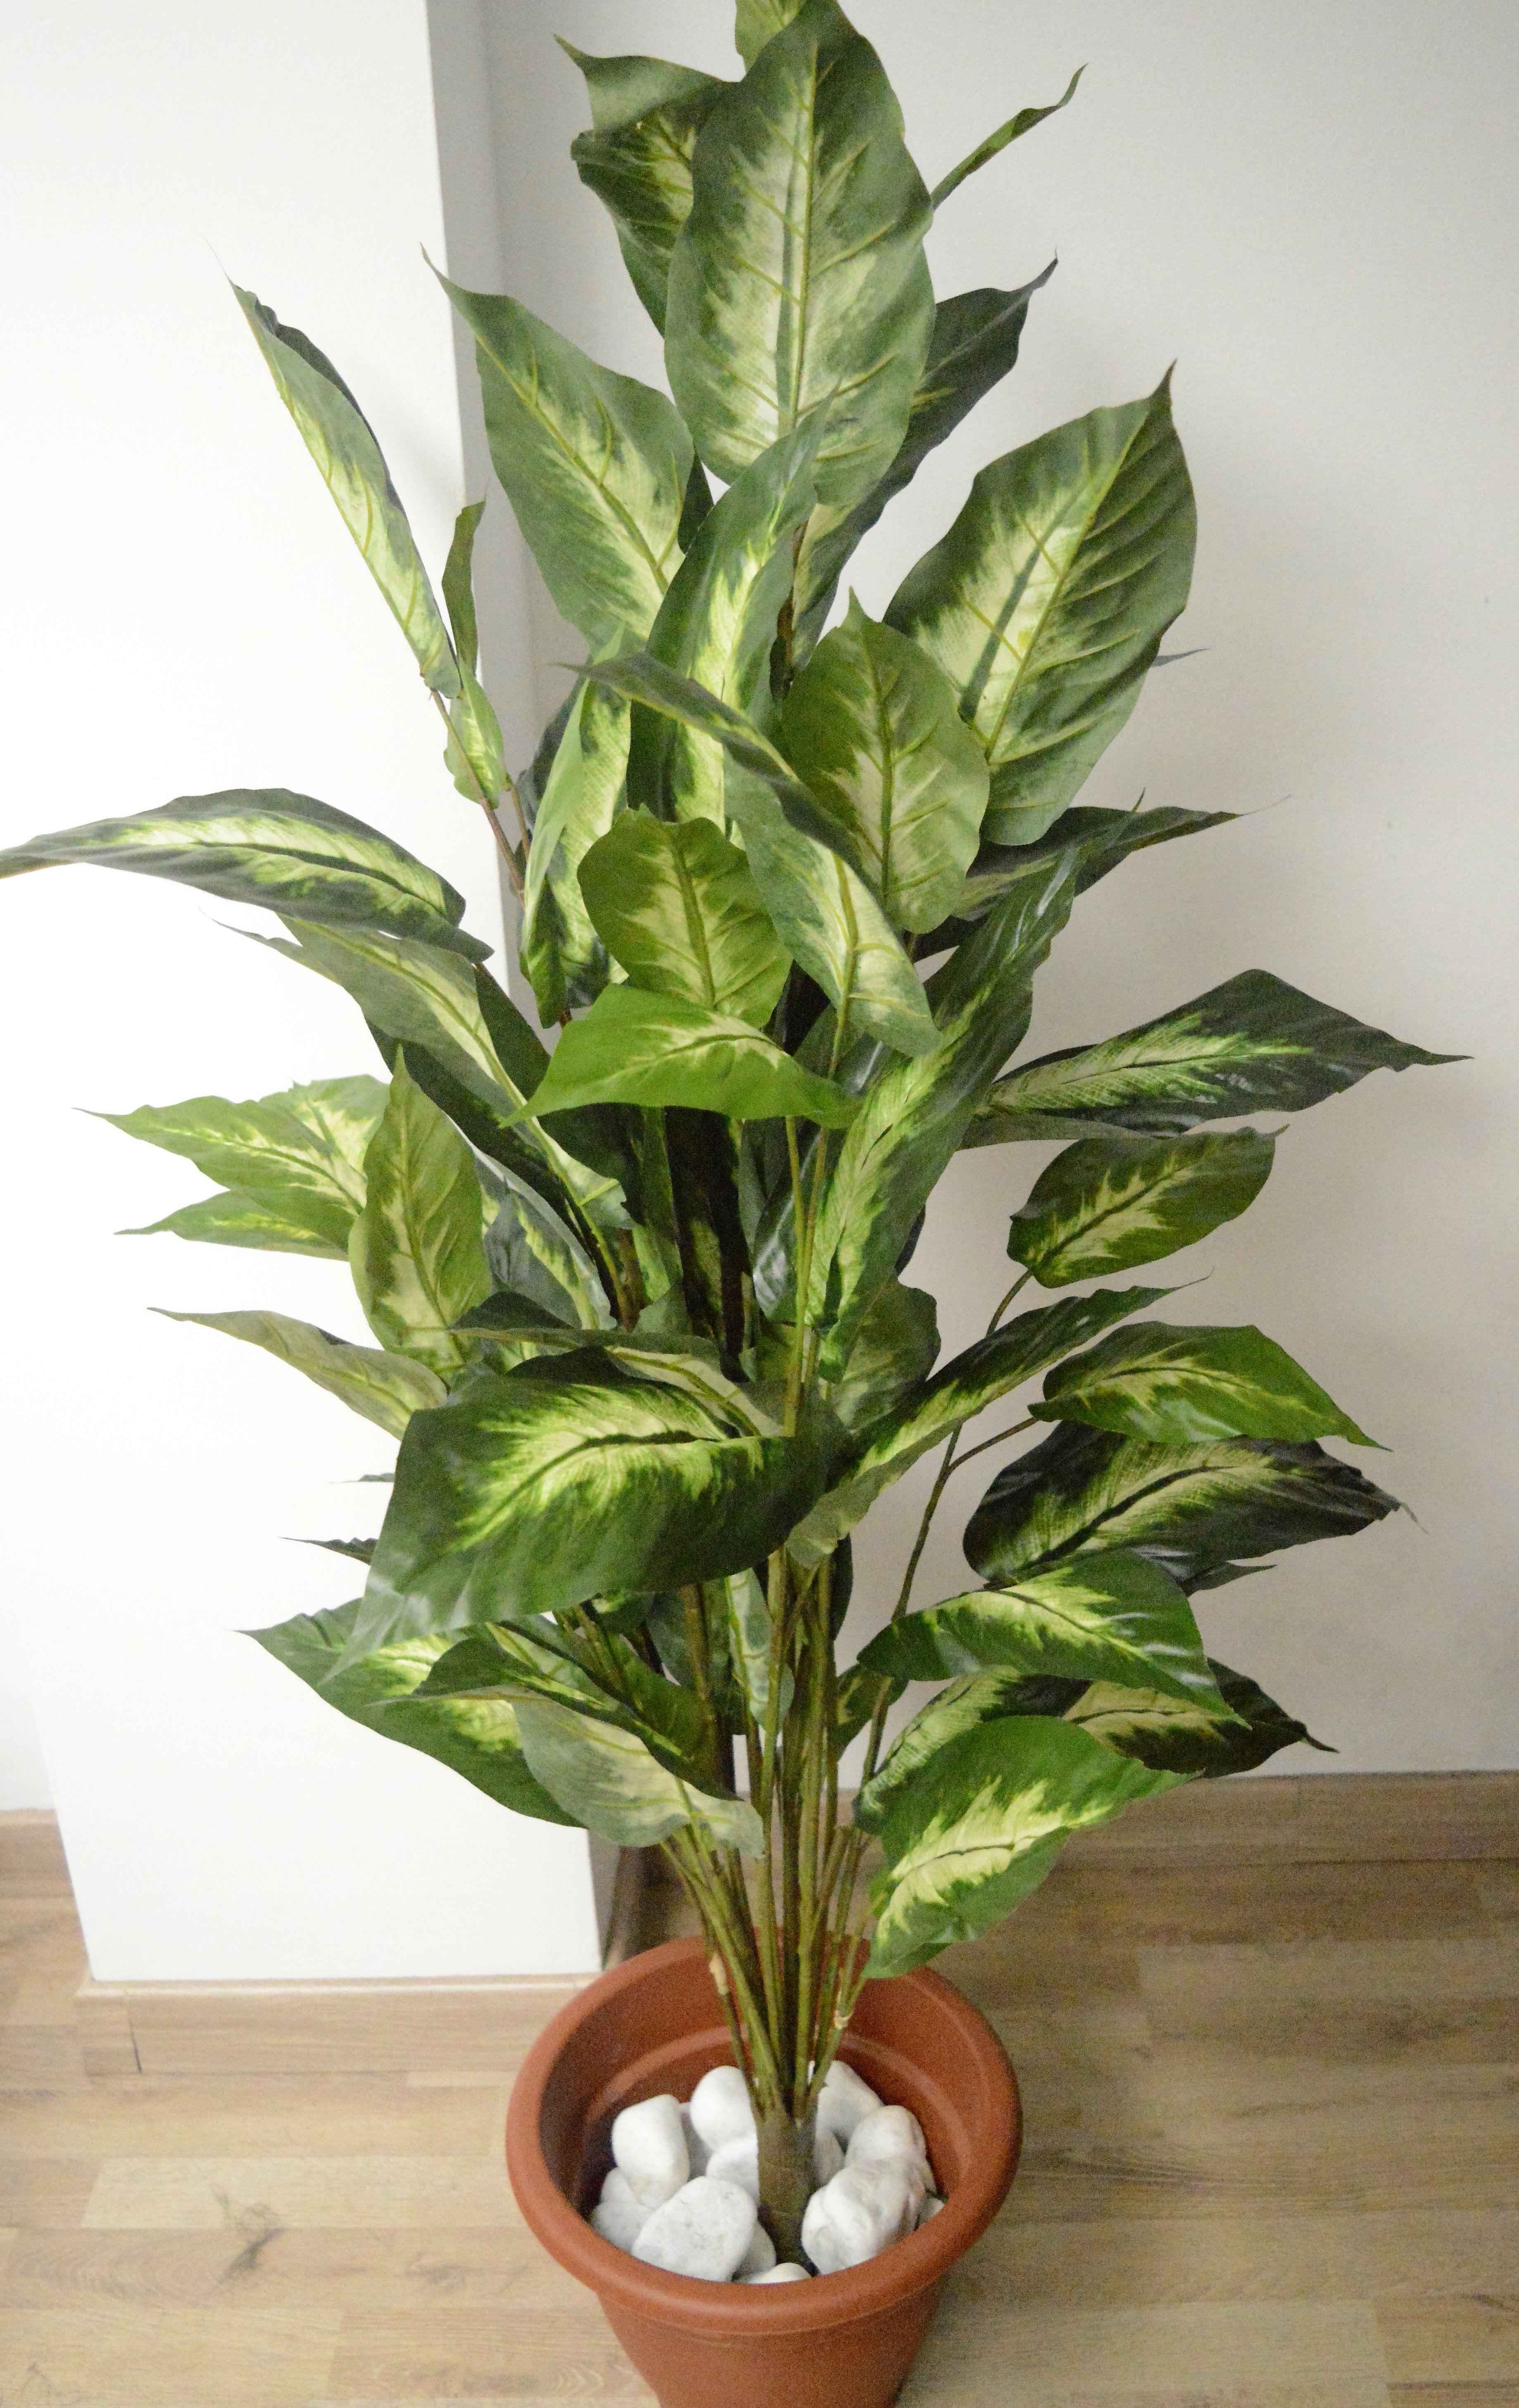 Bonita diefembachia artificial decoraci n imperecedera jard n artificial ideas - Plantas artificiales exterior ...